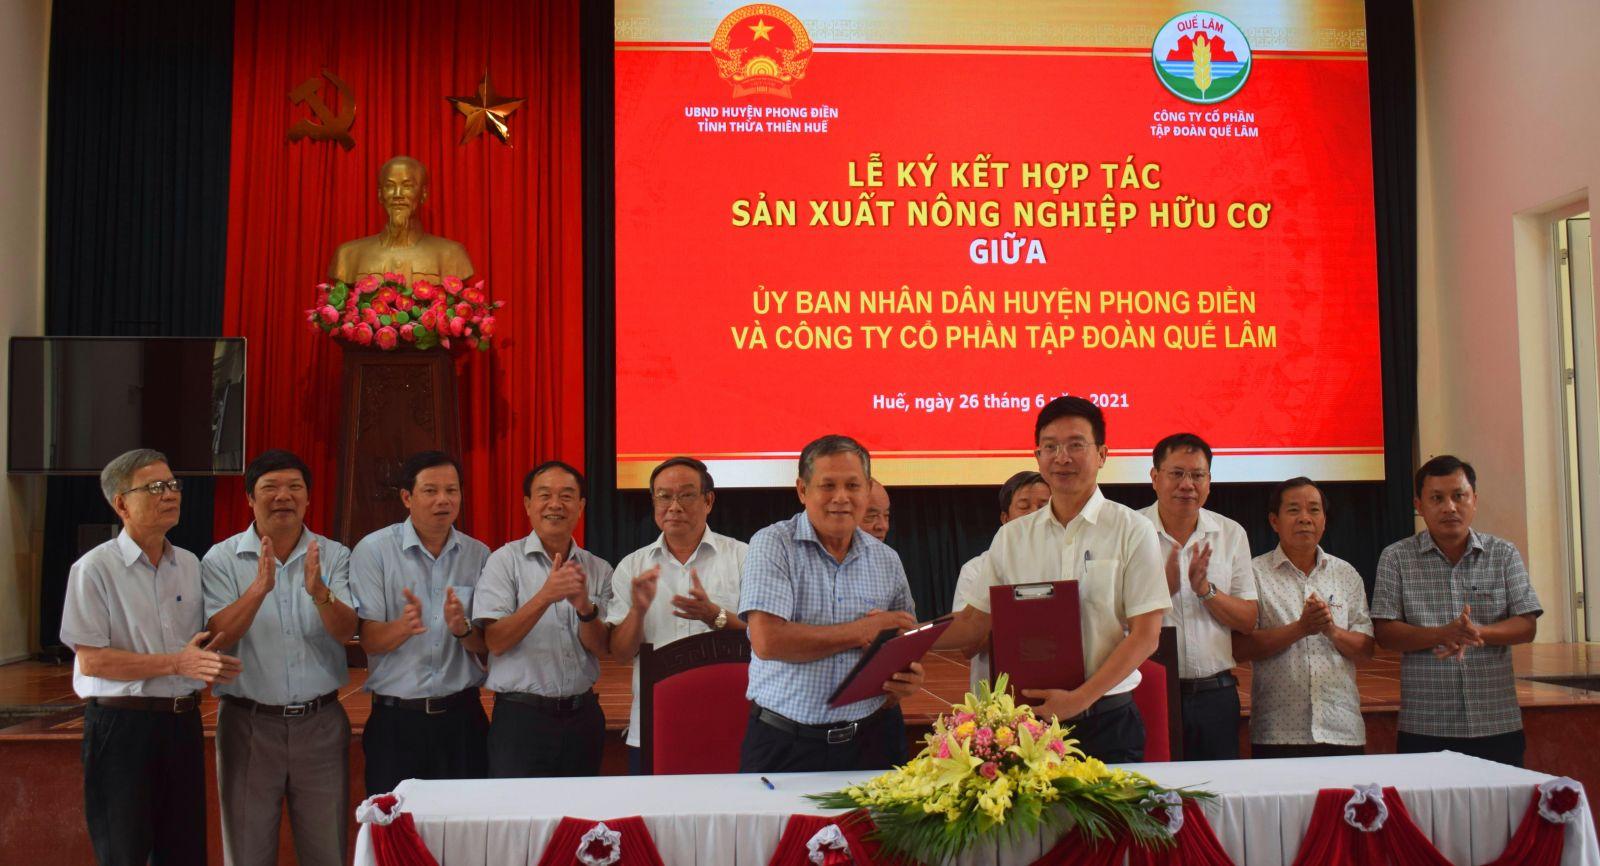 UBND huyện Phong Điền và Tập đoàn Quế Lâm ký kết biên bản thỏa thuận hợp tác